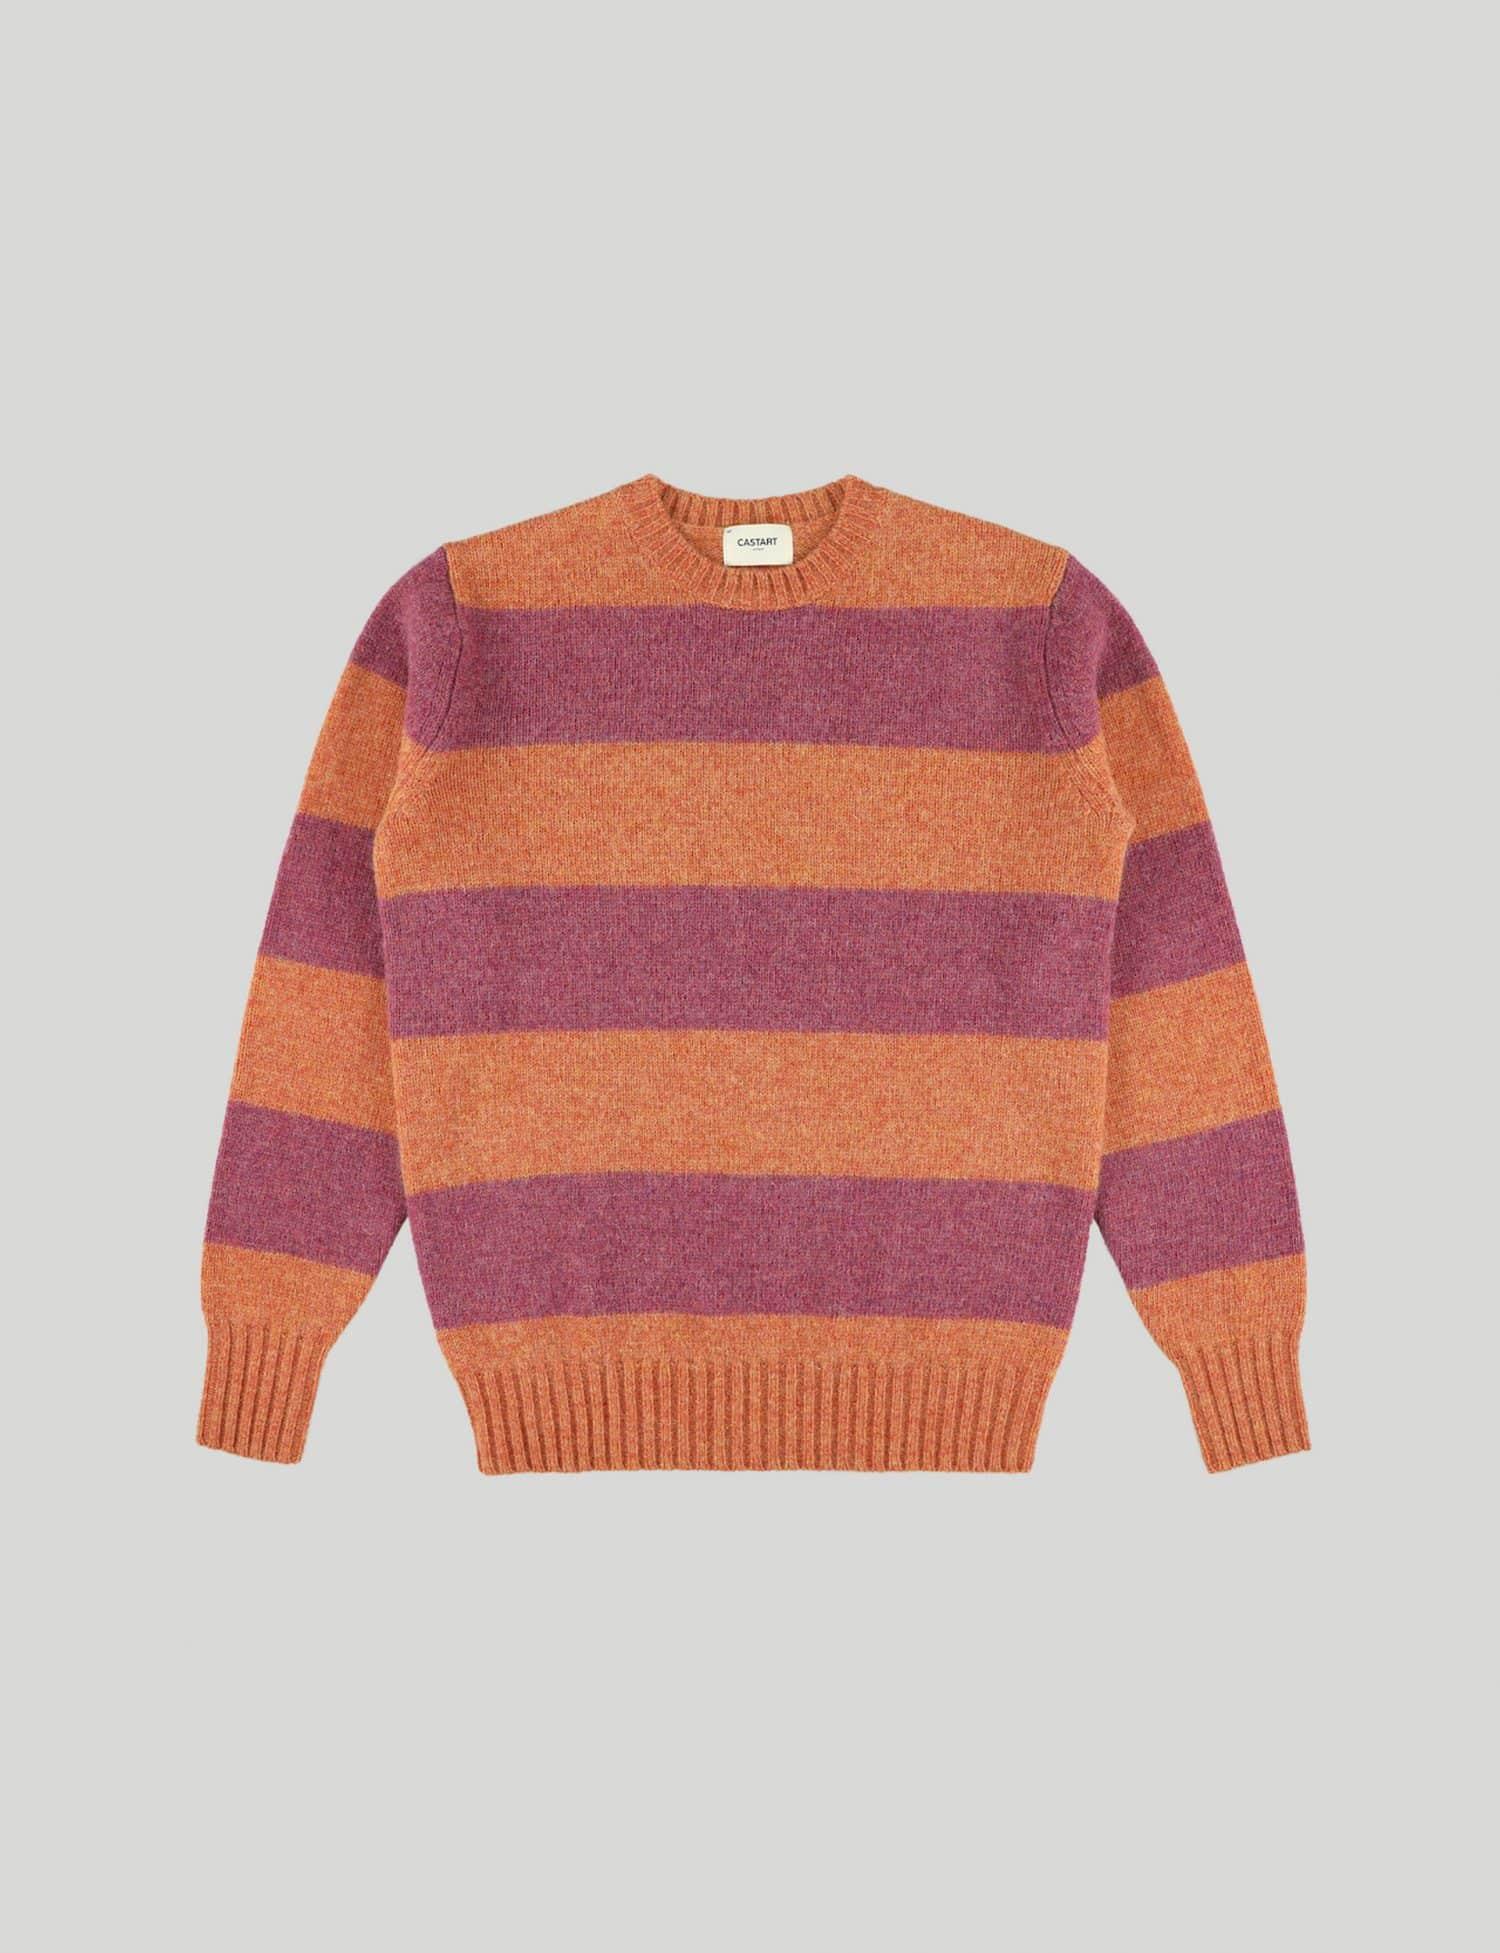 Castart - Poppelino Knitwear - Orange